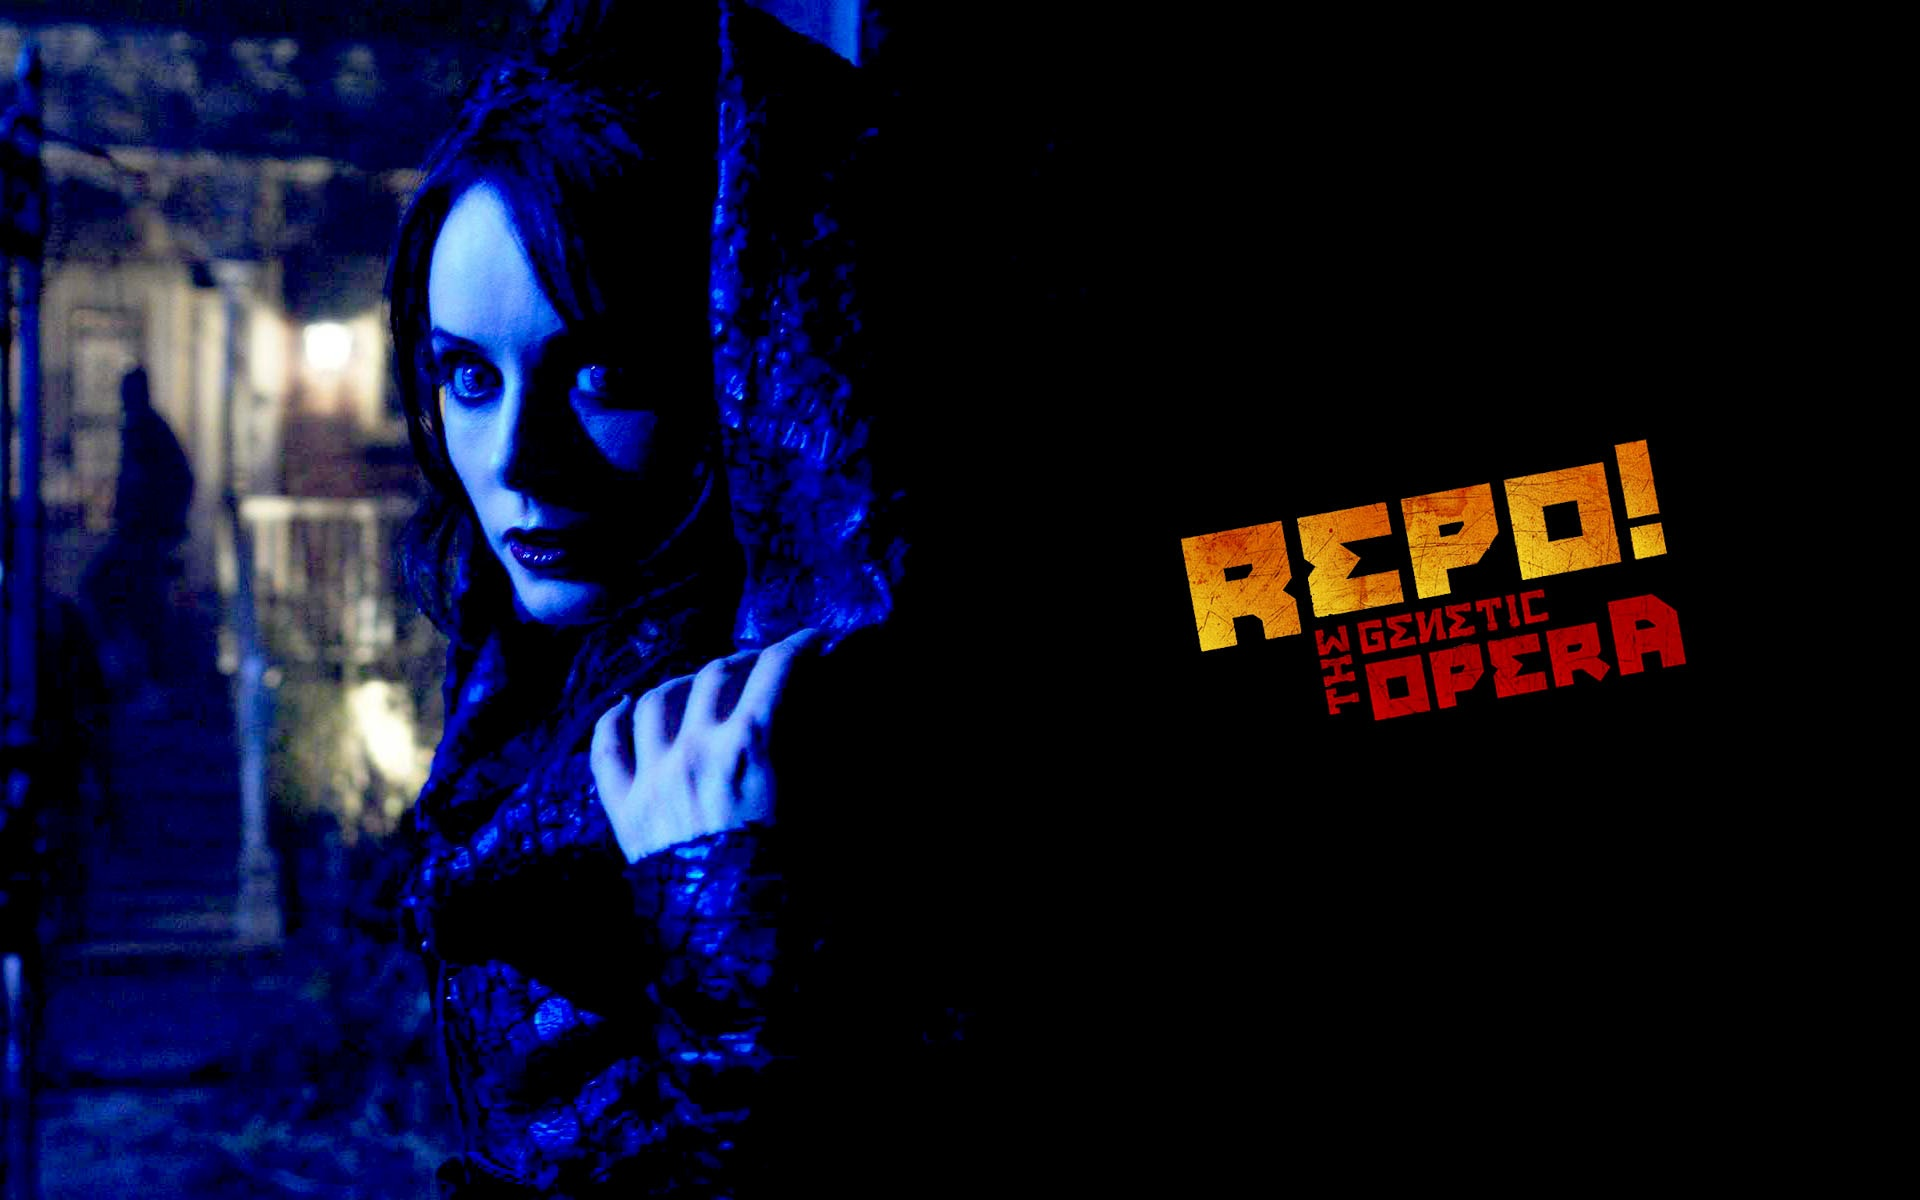 Repo The Genetic Opera wallpaper   344904 1920x1200